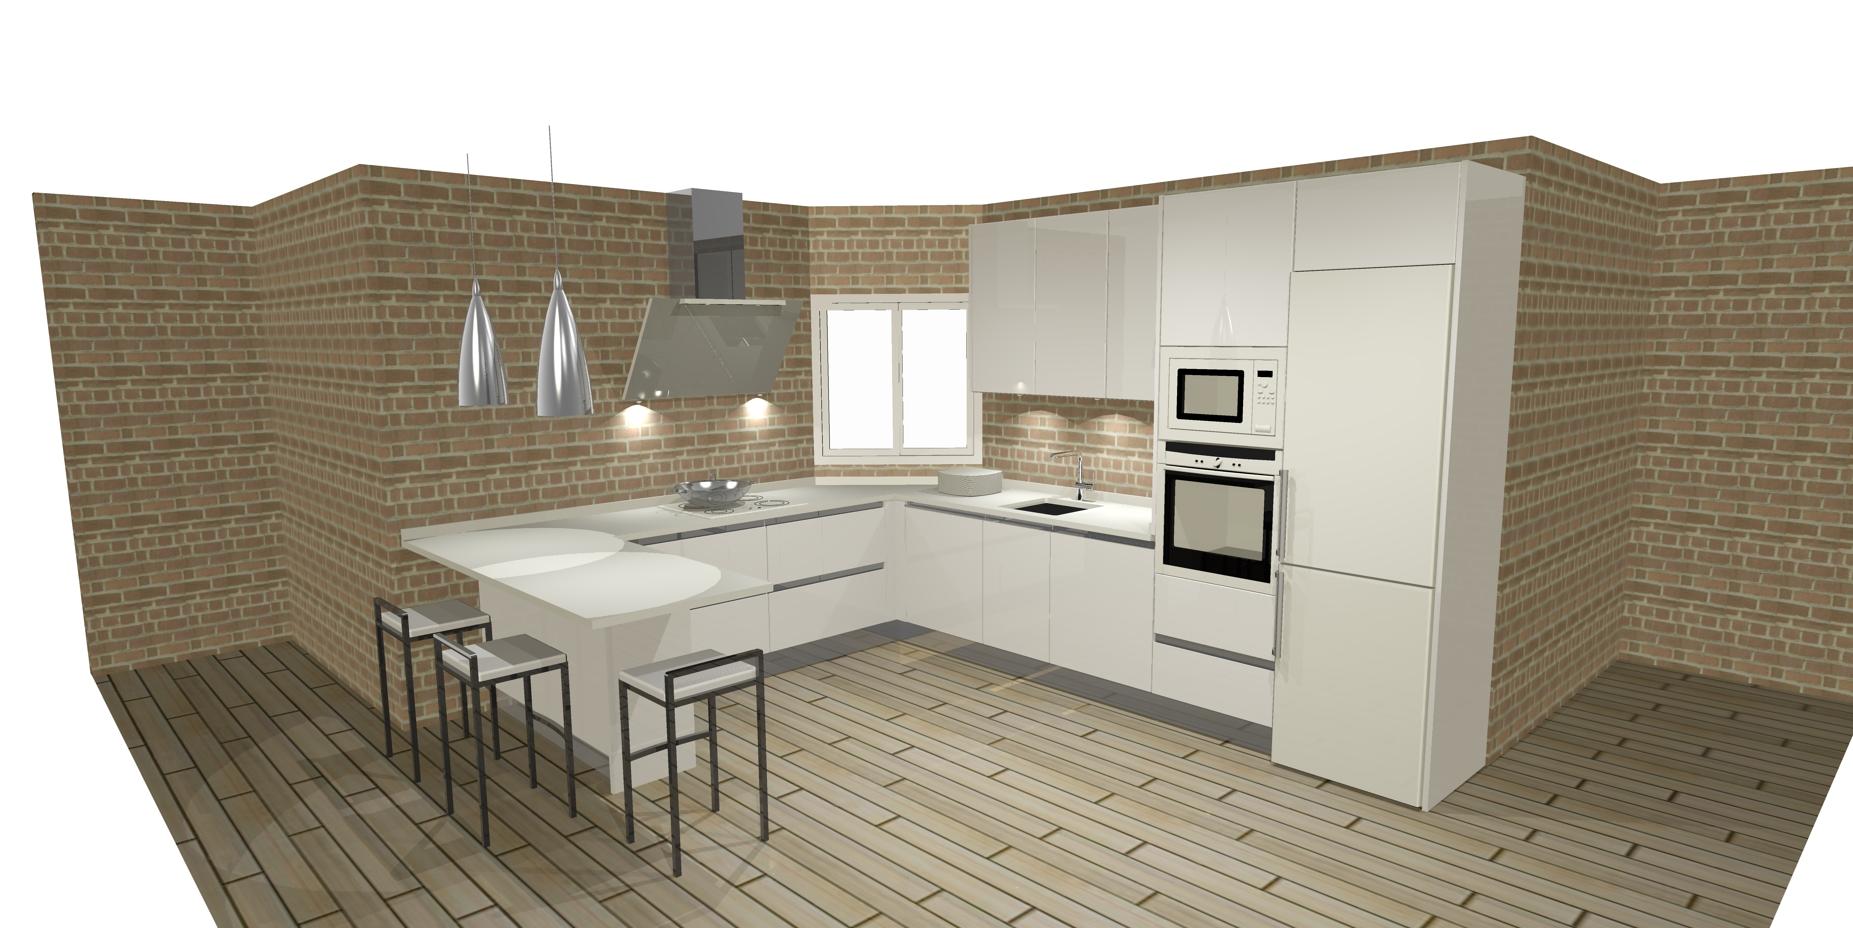 Dise os de cocinas con pen nsula cocinas artnova sevilla for Diseno de cocina